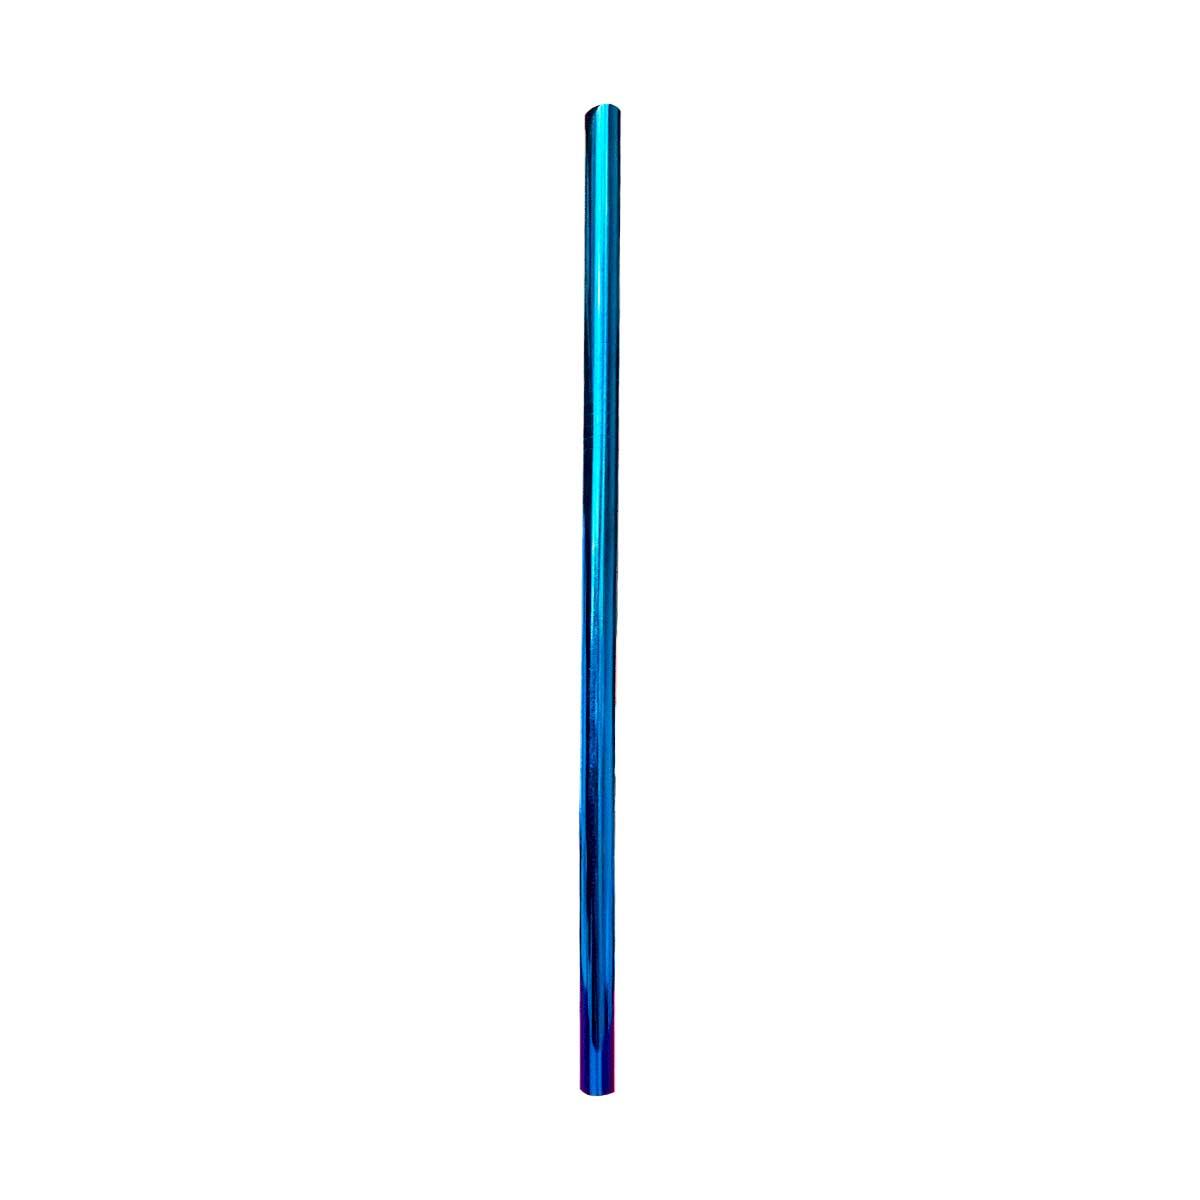 Kit 5 em 1 Inox (Shake 8mm) + Escova + Ecobag Reuse Azul